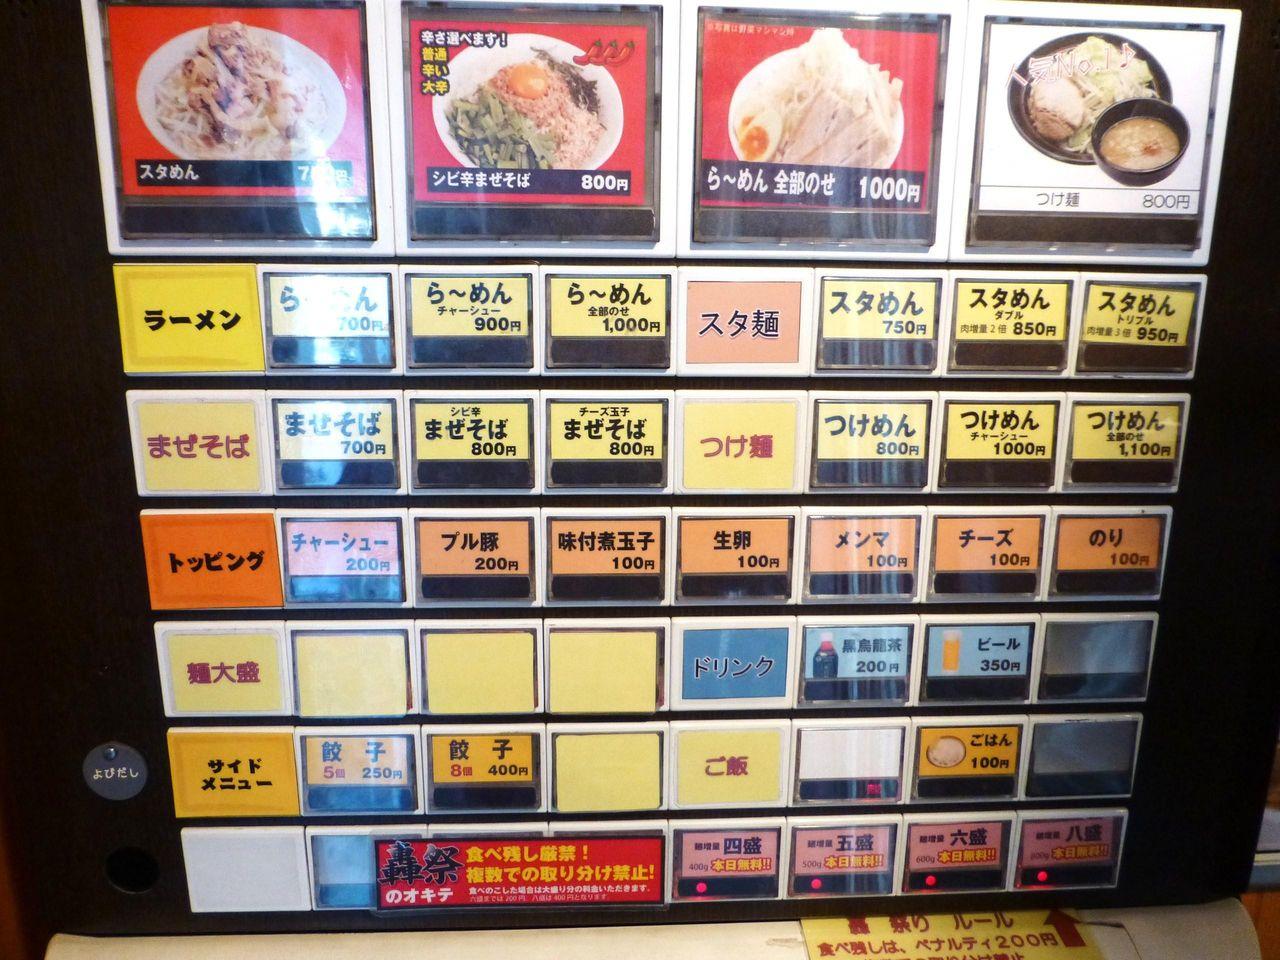 麺屋轟のメニュー(25年5月現在)